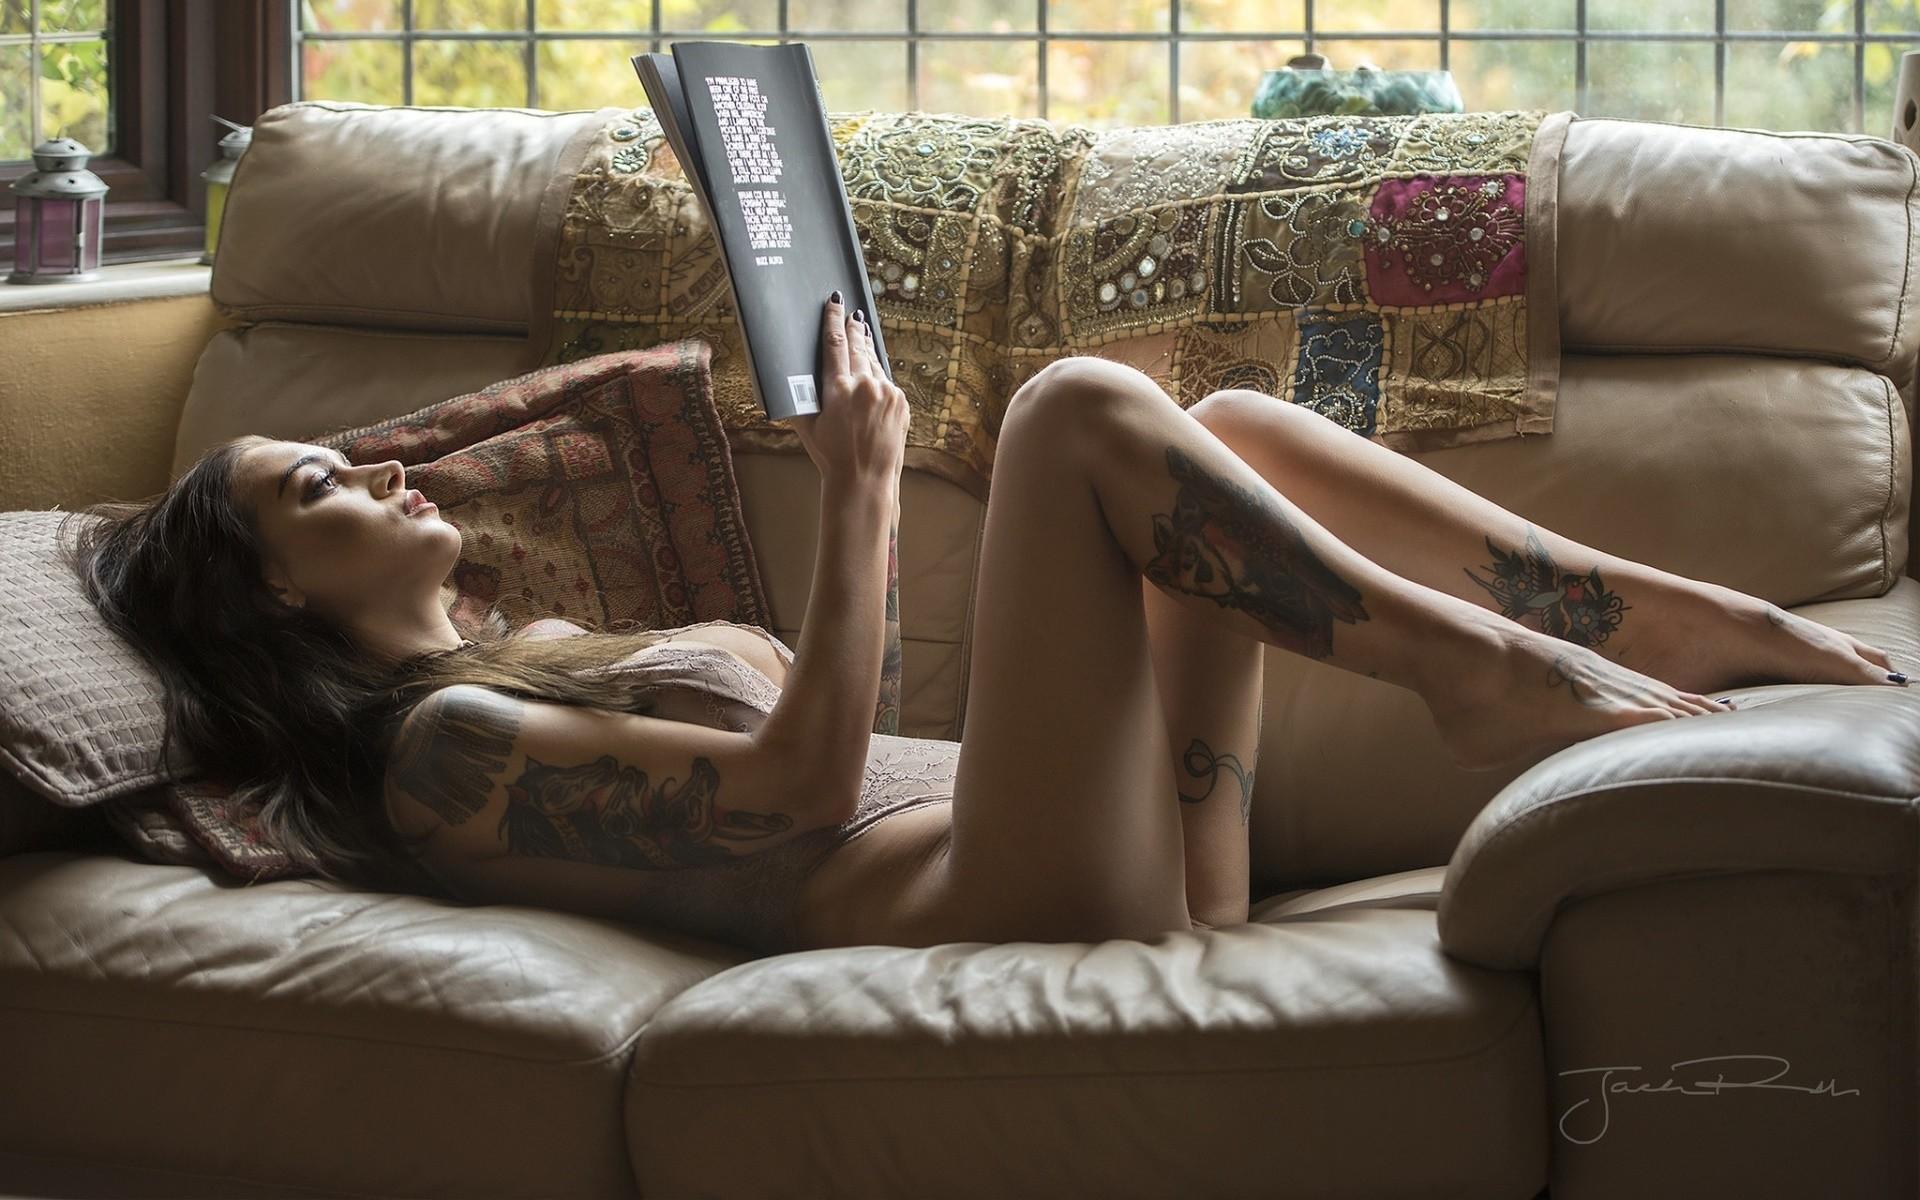 Pictures Of Selina Christoforou